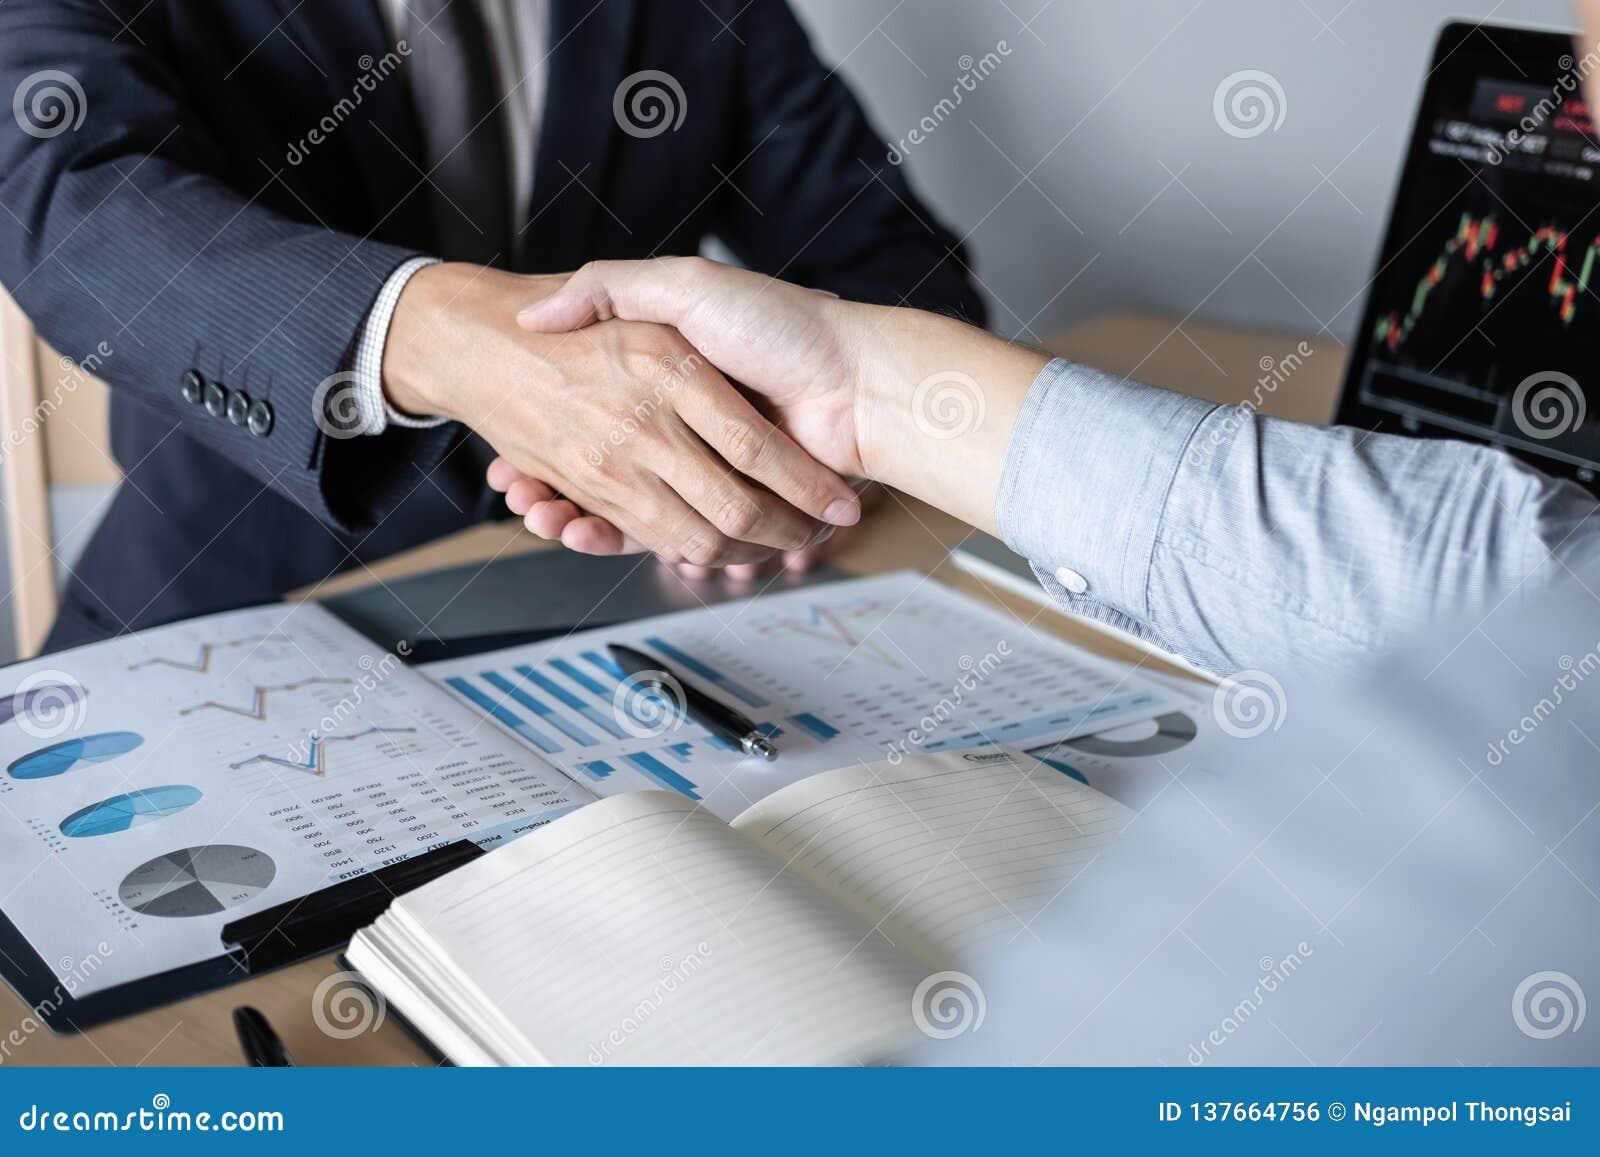 Omhoog beëindigend een vergadering, Handdruk van twee uitvoerende bedrijfsmensen na contractovereenkomst om een partner te worden